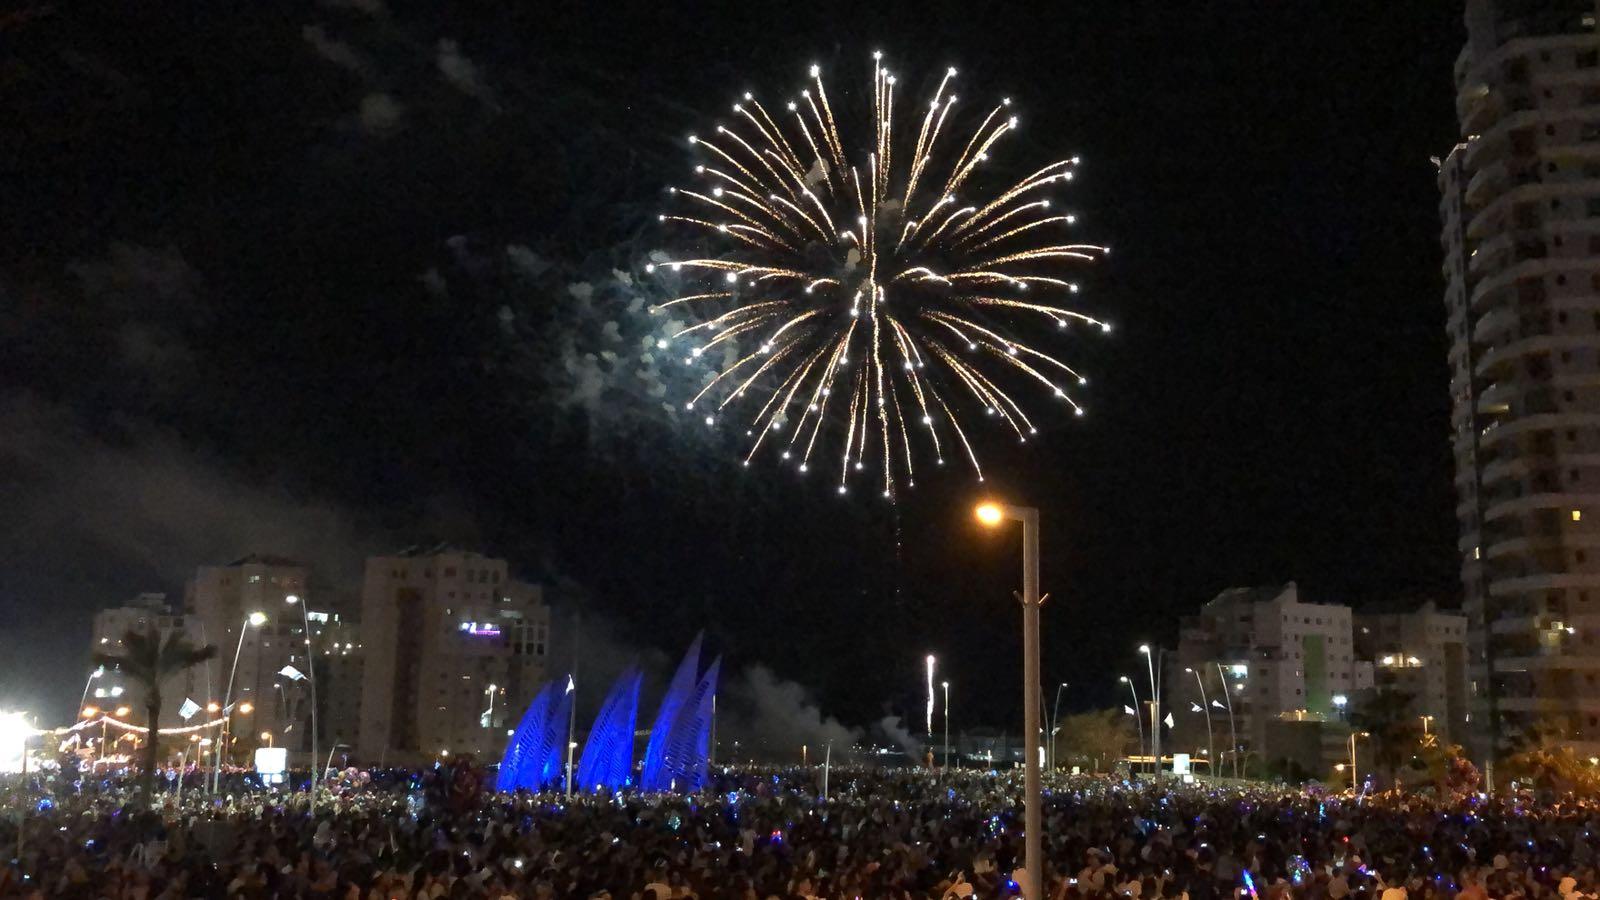 מופע הזיקוקים ערב יום העצמאות 2018 באשדוד. כיכר המפרשיות. צילום: שמואל דוד